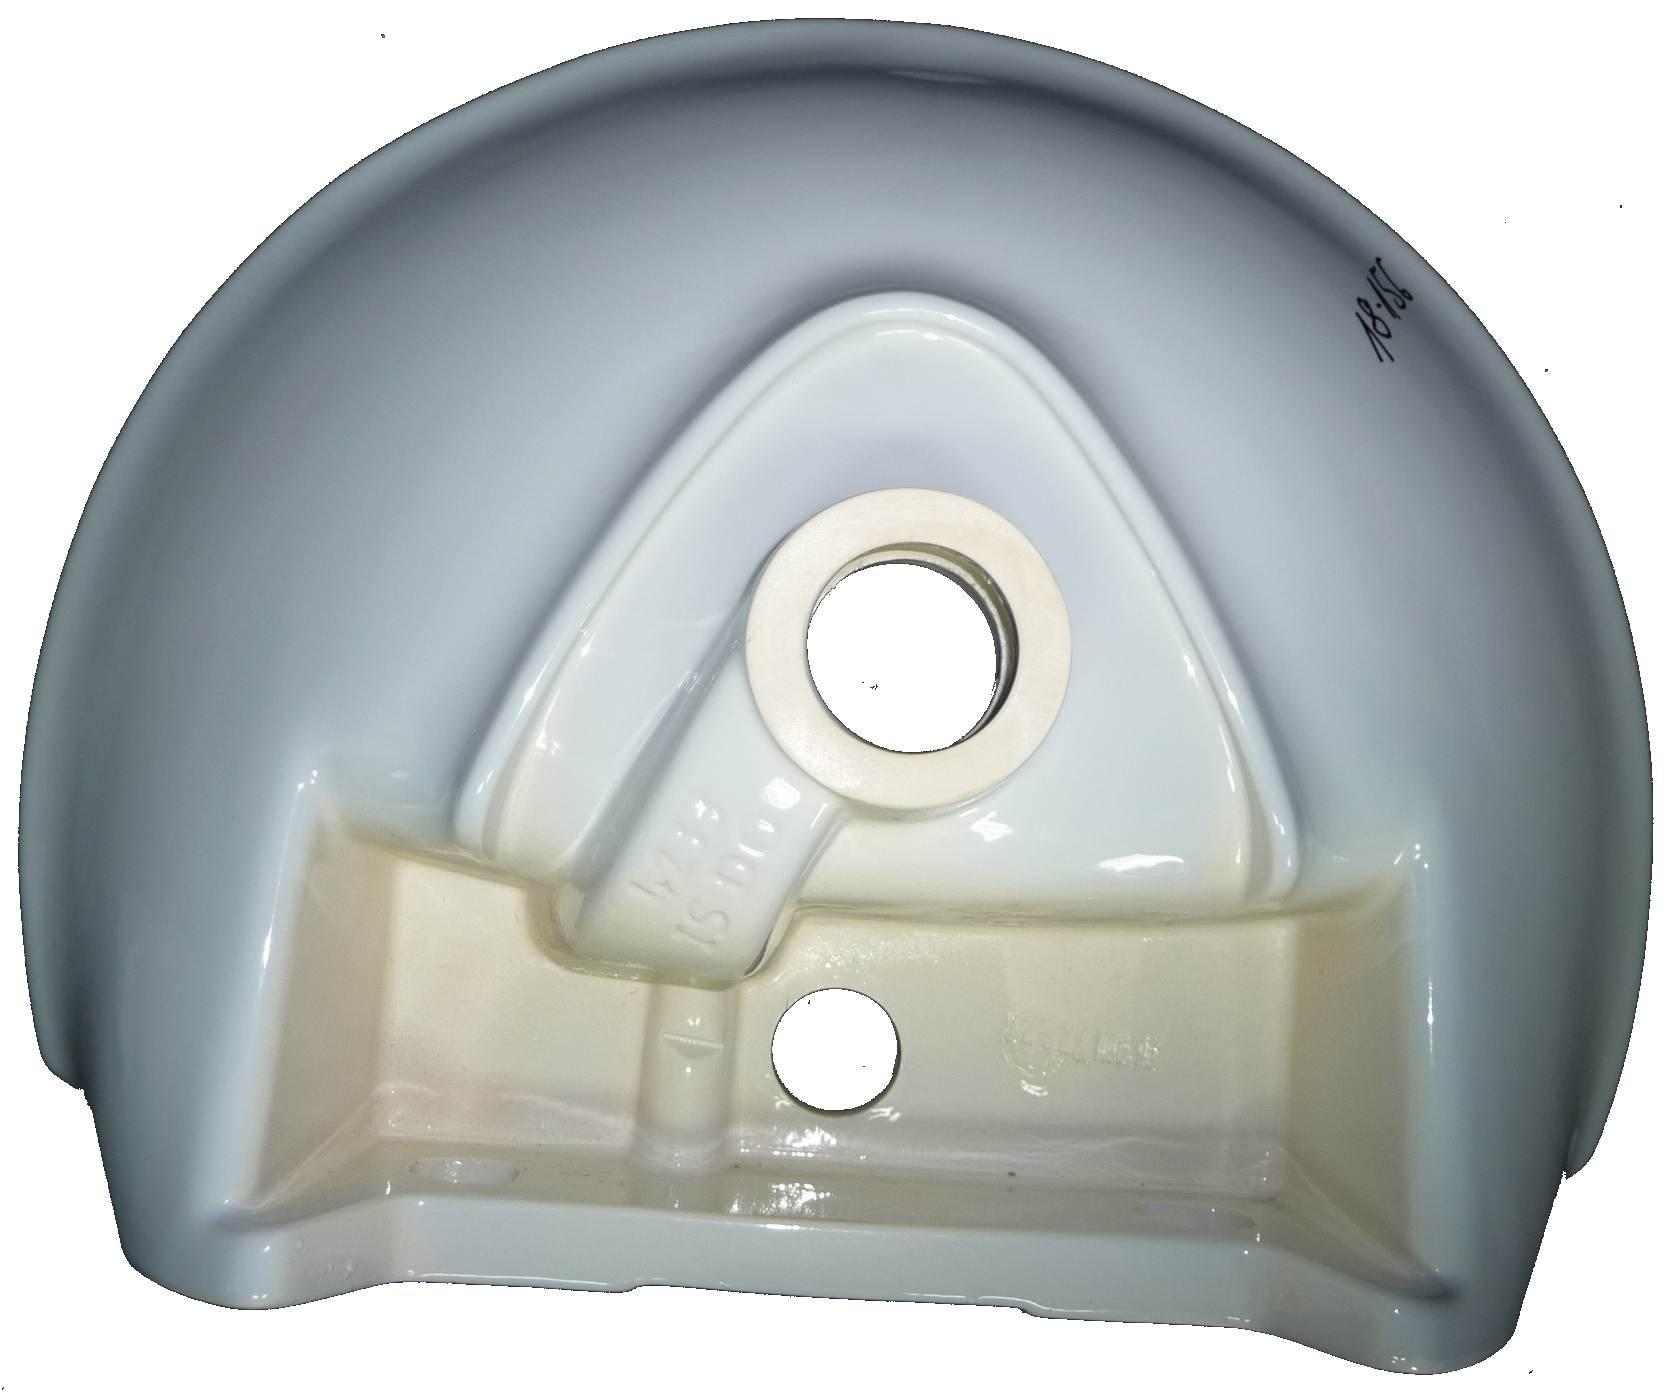 whisperblau Handwaschbecken 50x38 cm Ideal Standard Tizio 4233 Bild 2 Unterseite